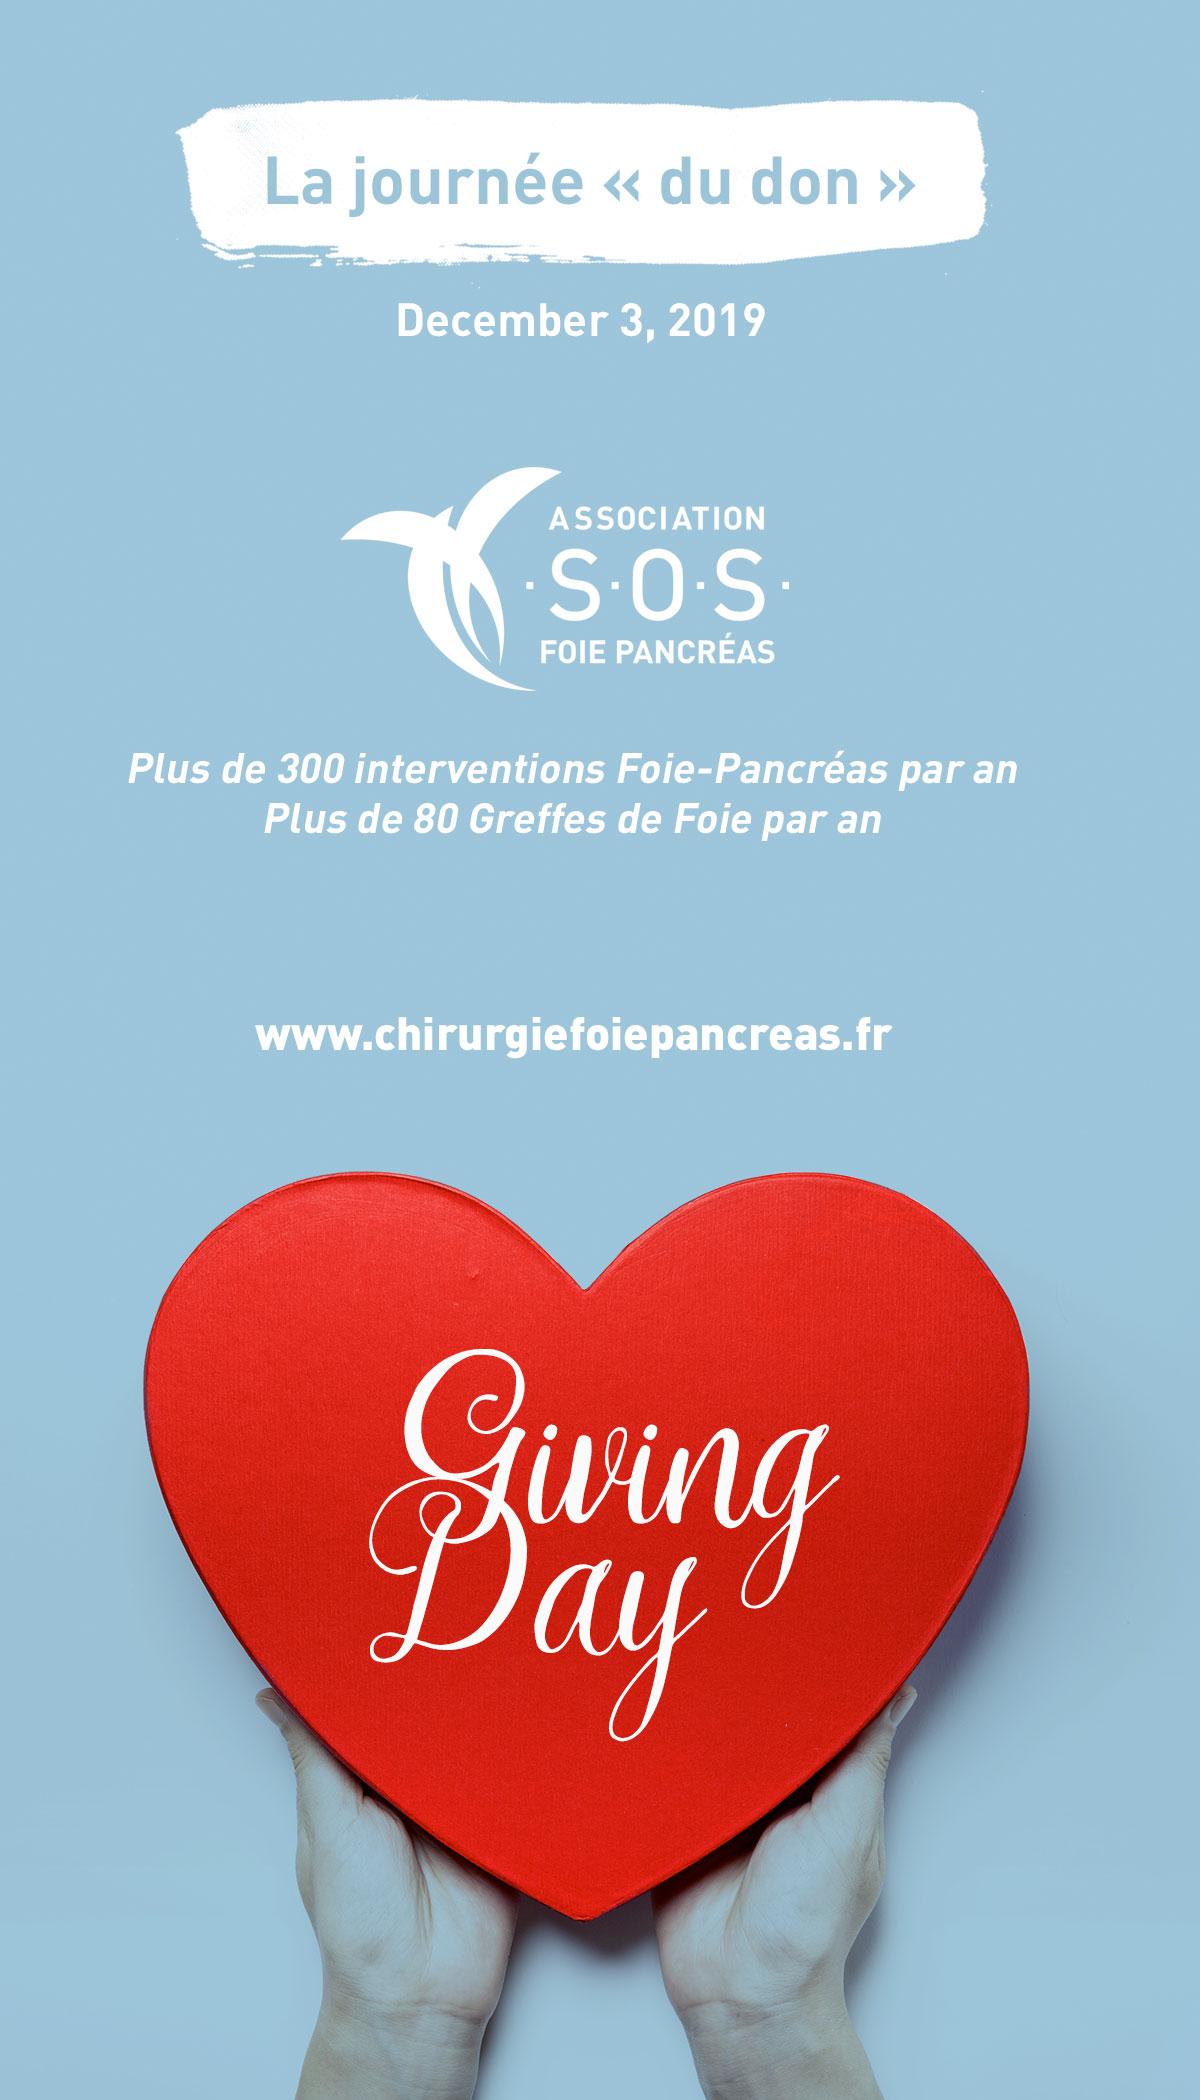 """Giving Day - La journée """"du don"""""""